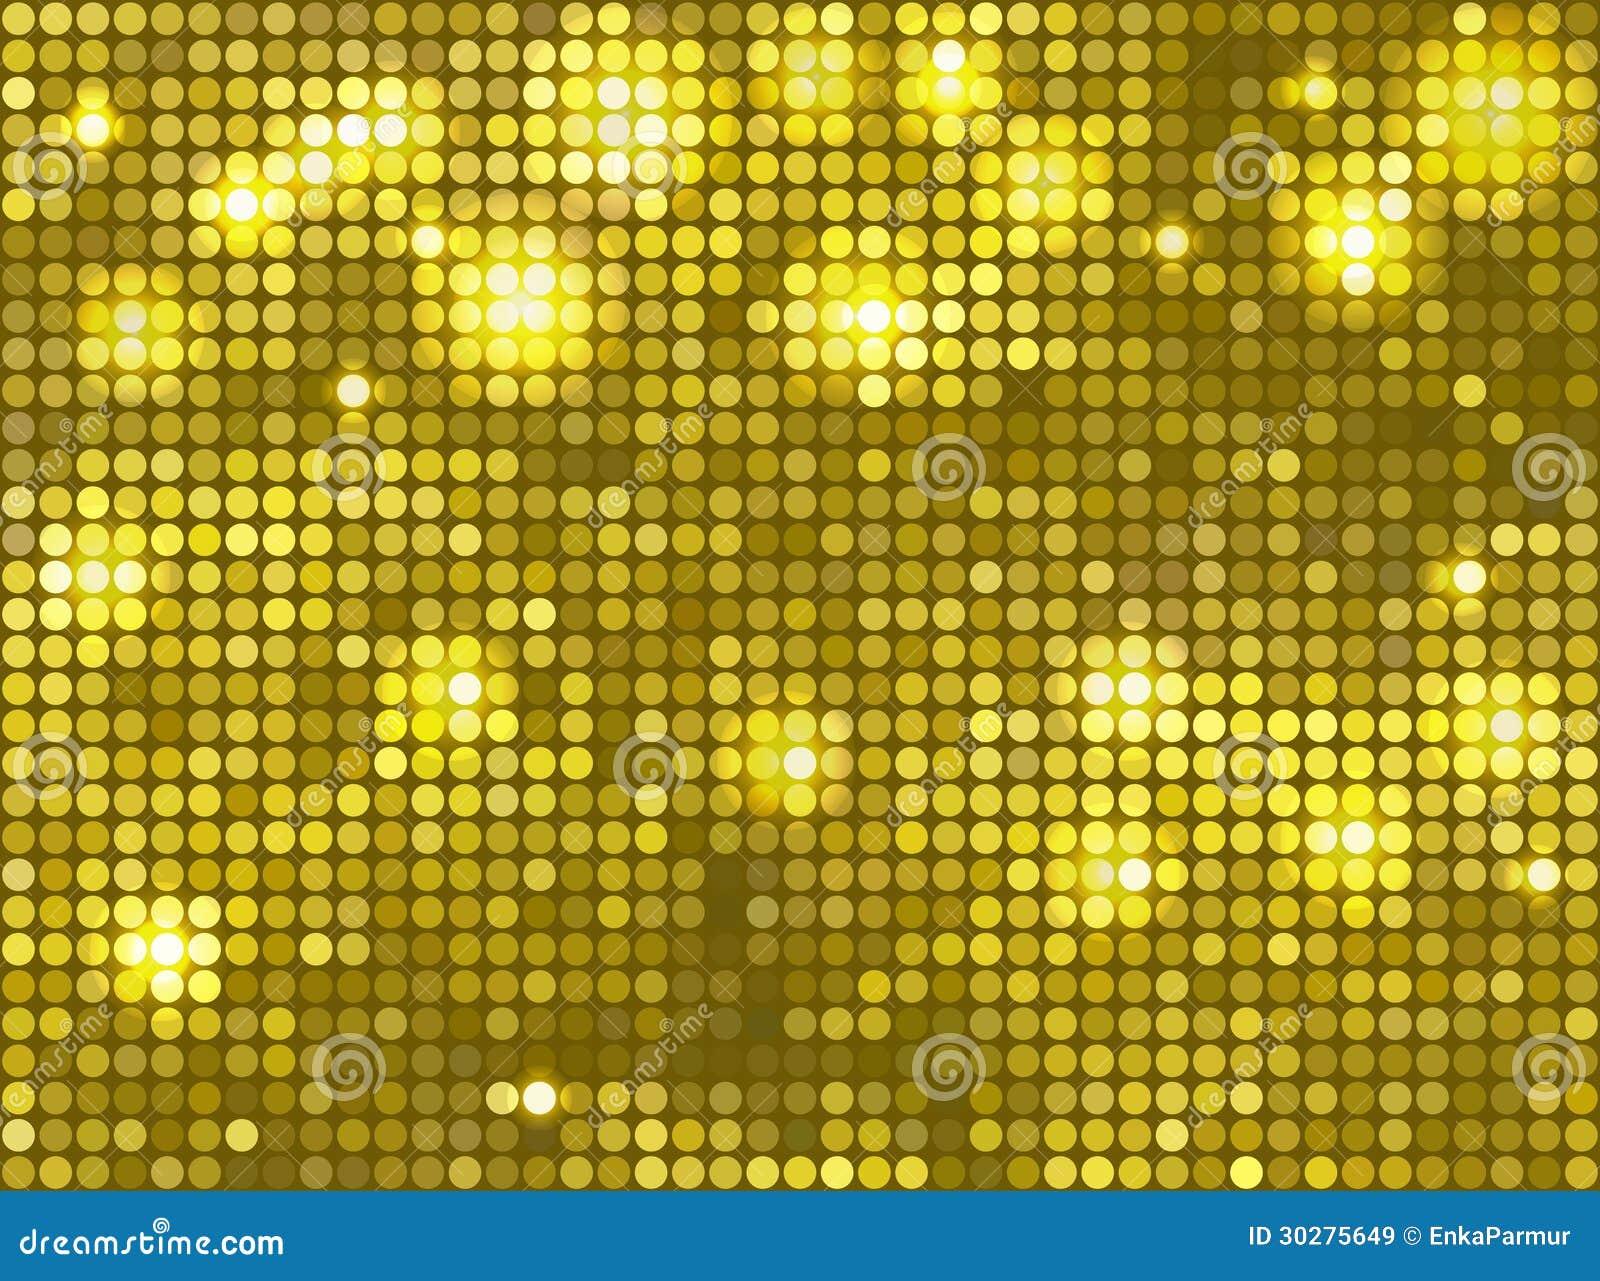 水平的黄绿色马赛克